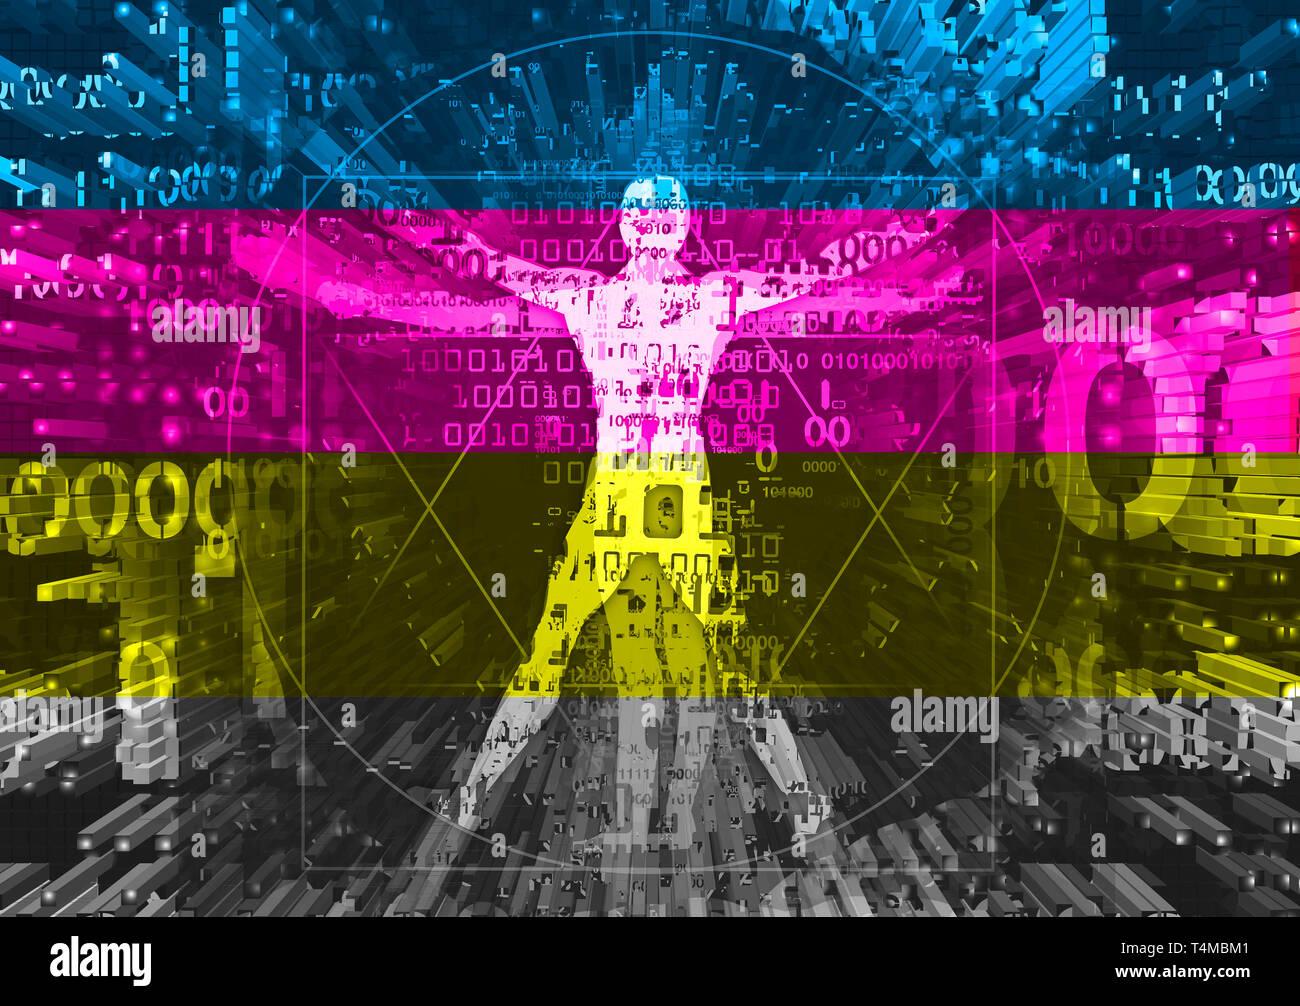 Homme de Vitruve en explosion de couleurs d'impression des données informatiques et de rayures. Illustration futuriste avec un homme de Vitruve de codes binaires symbolisé digital Banque D'Images